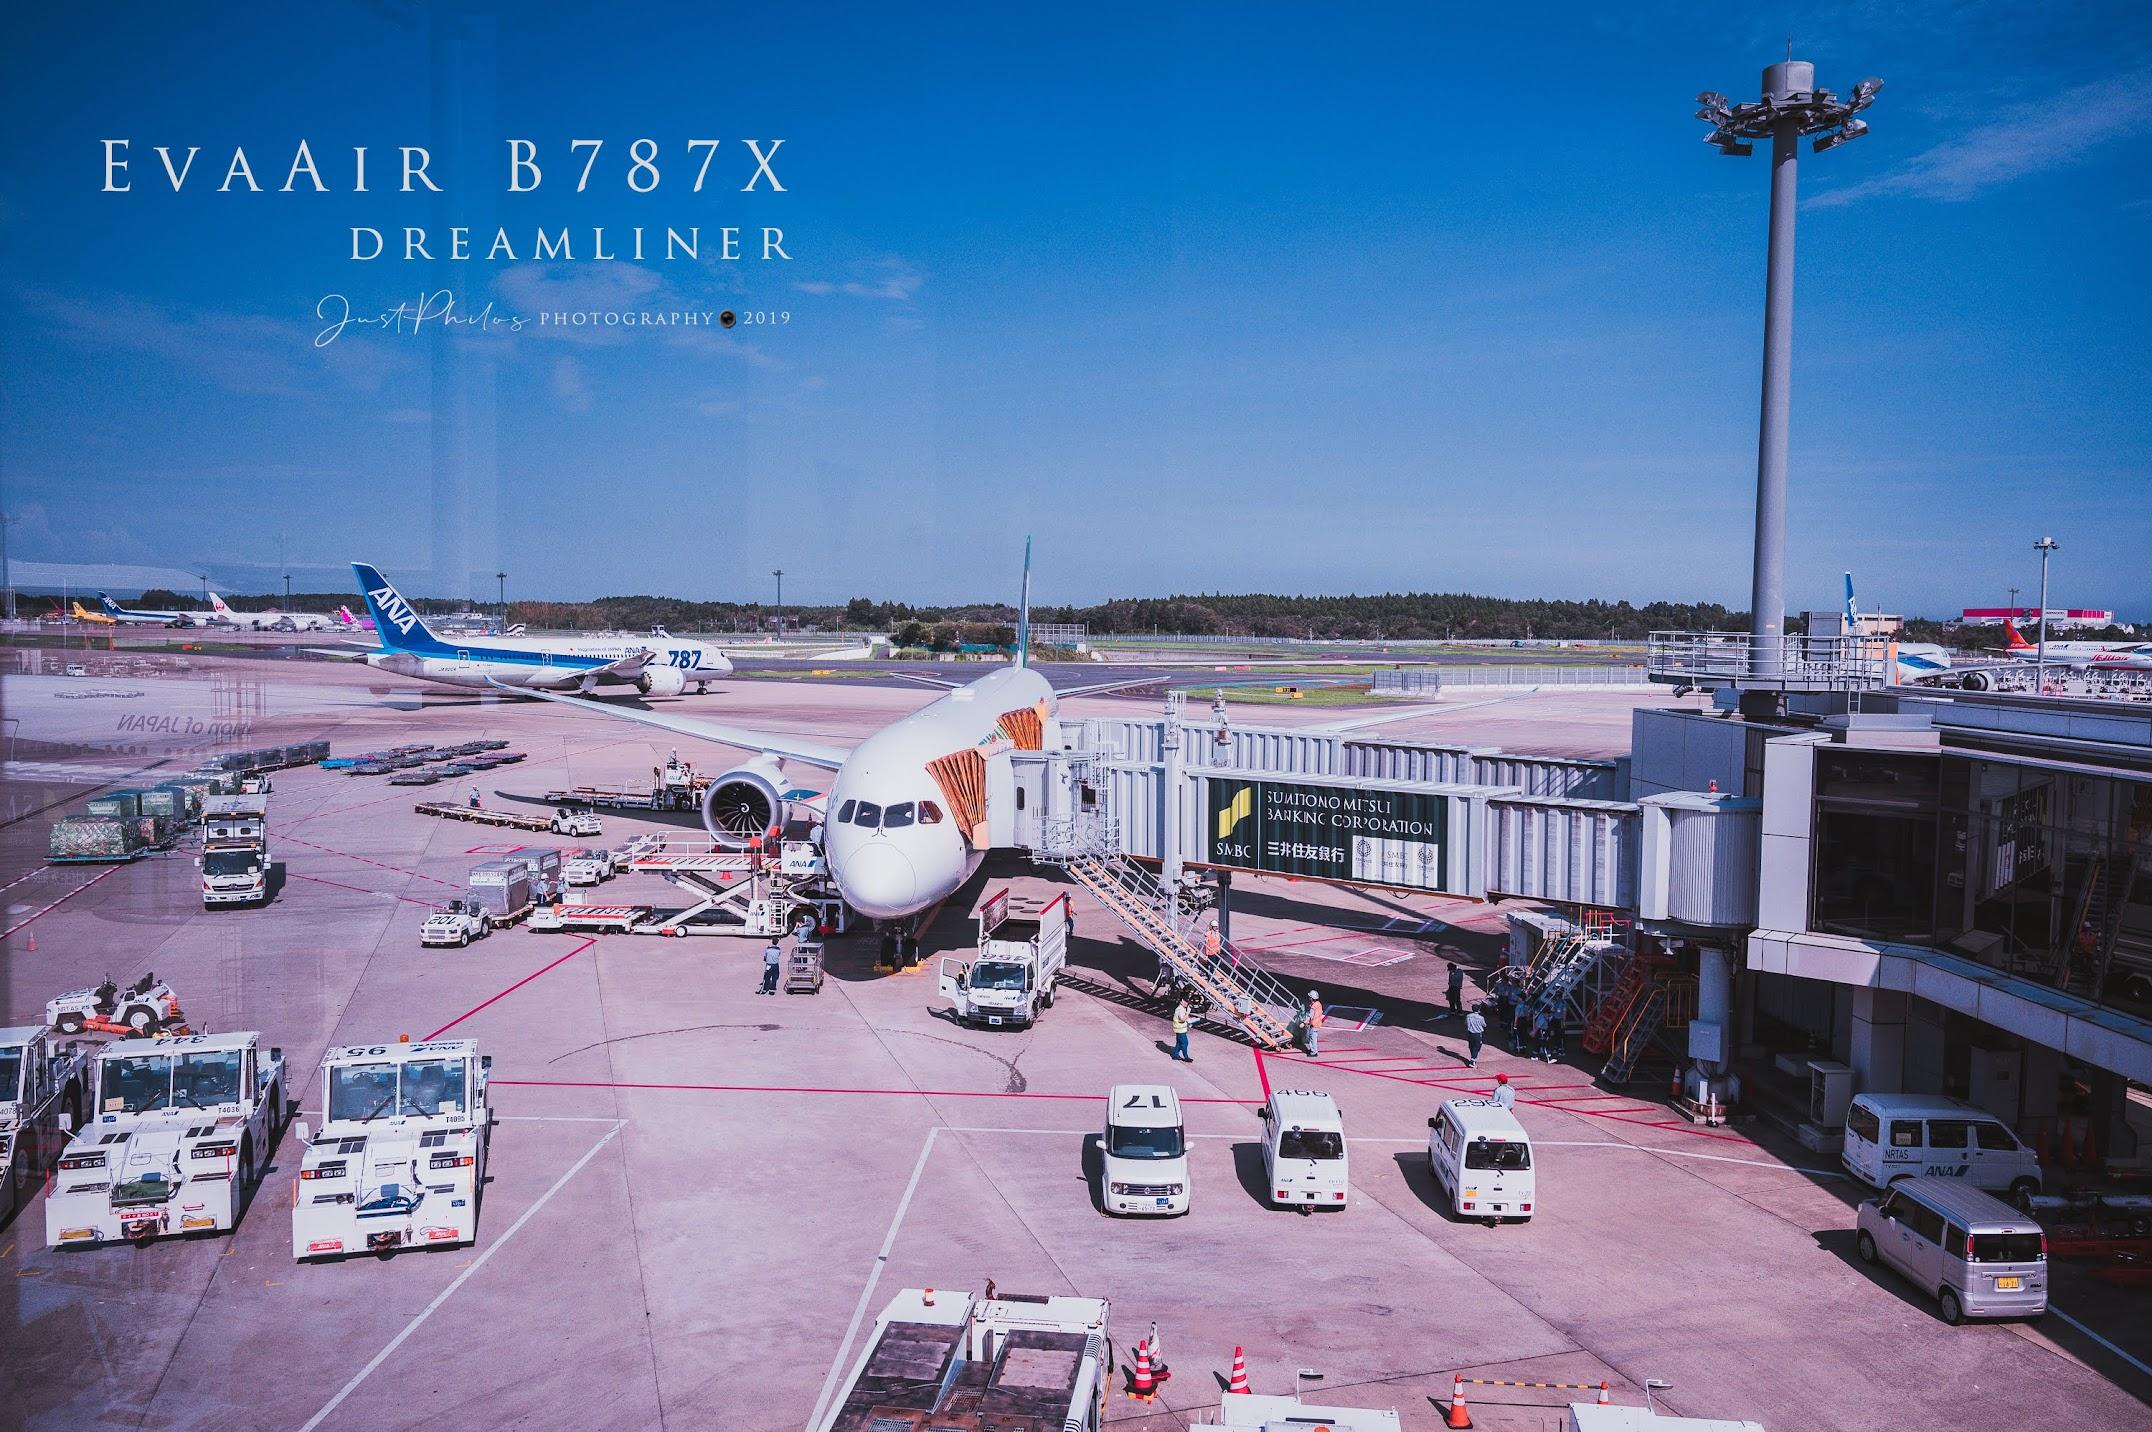 順利降落東京成田機場,離開前從不同角度拍攝這趟旅程的長榮B787-10夢幻客機。